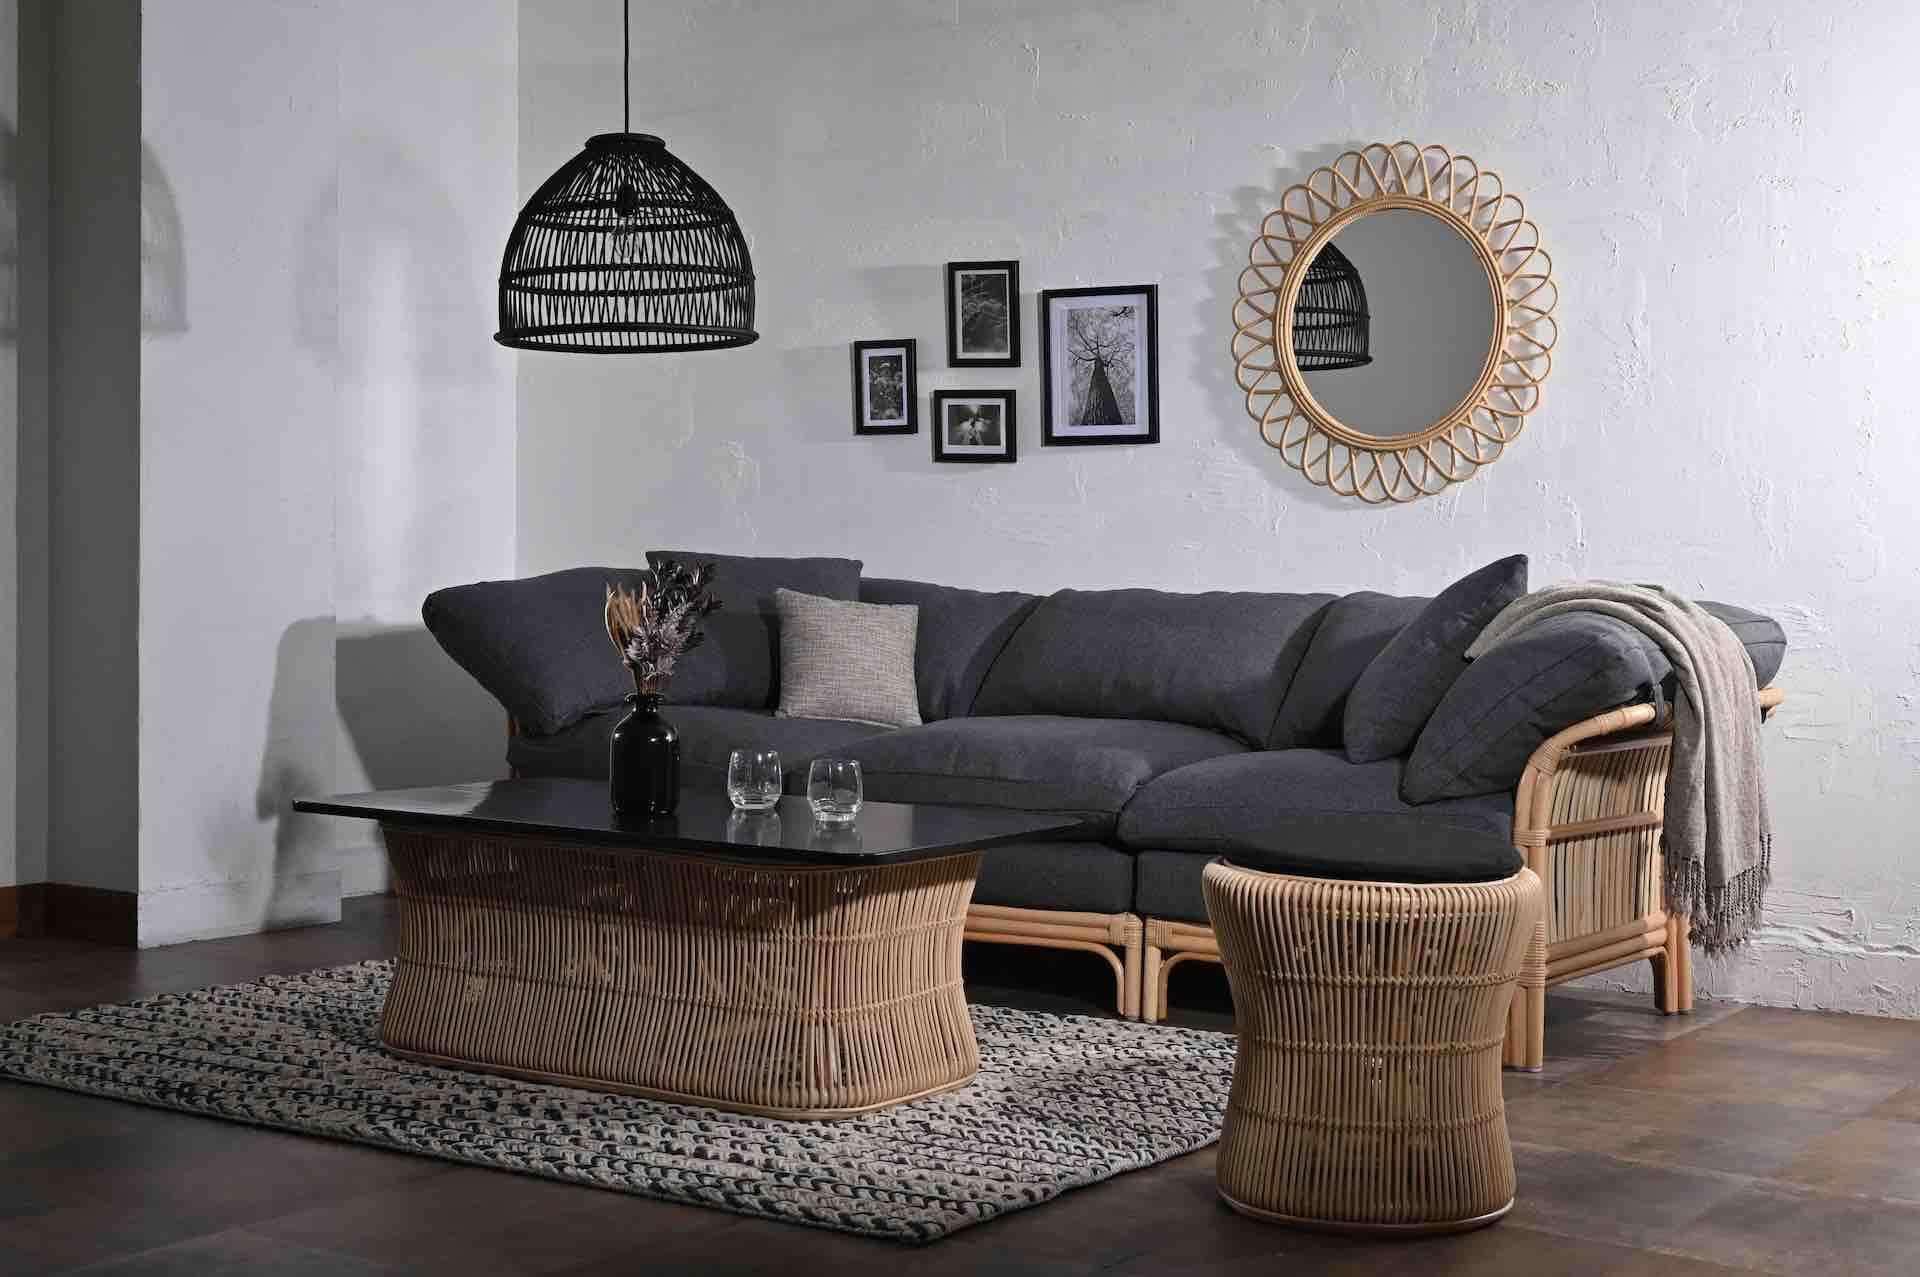 新生活にもおすすめな家具、インテリアなどが集結!ラタン素材の魅力を体感できる展覧会<ラタン展>がDOORS HOUSEにて開催中 art210301_rattan_8-1920x1277